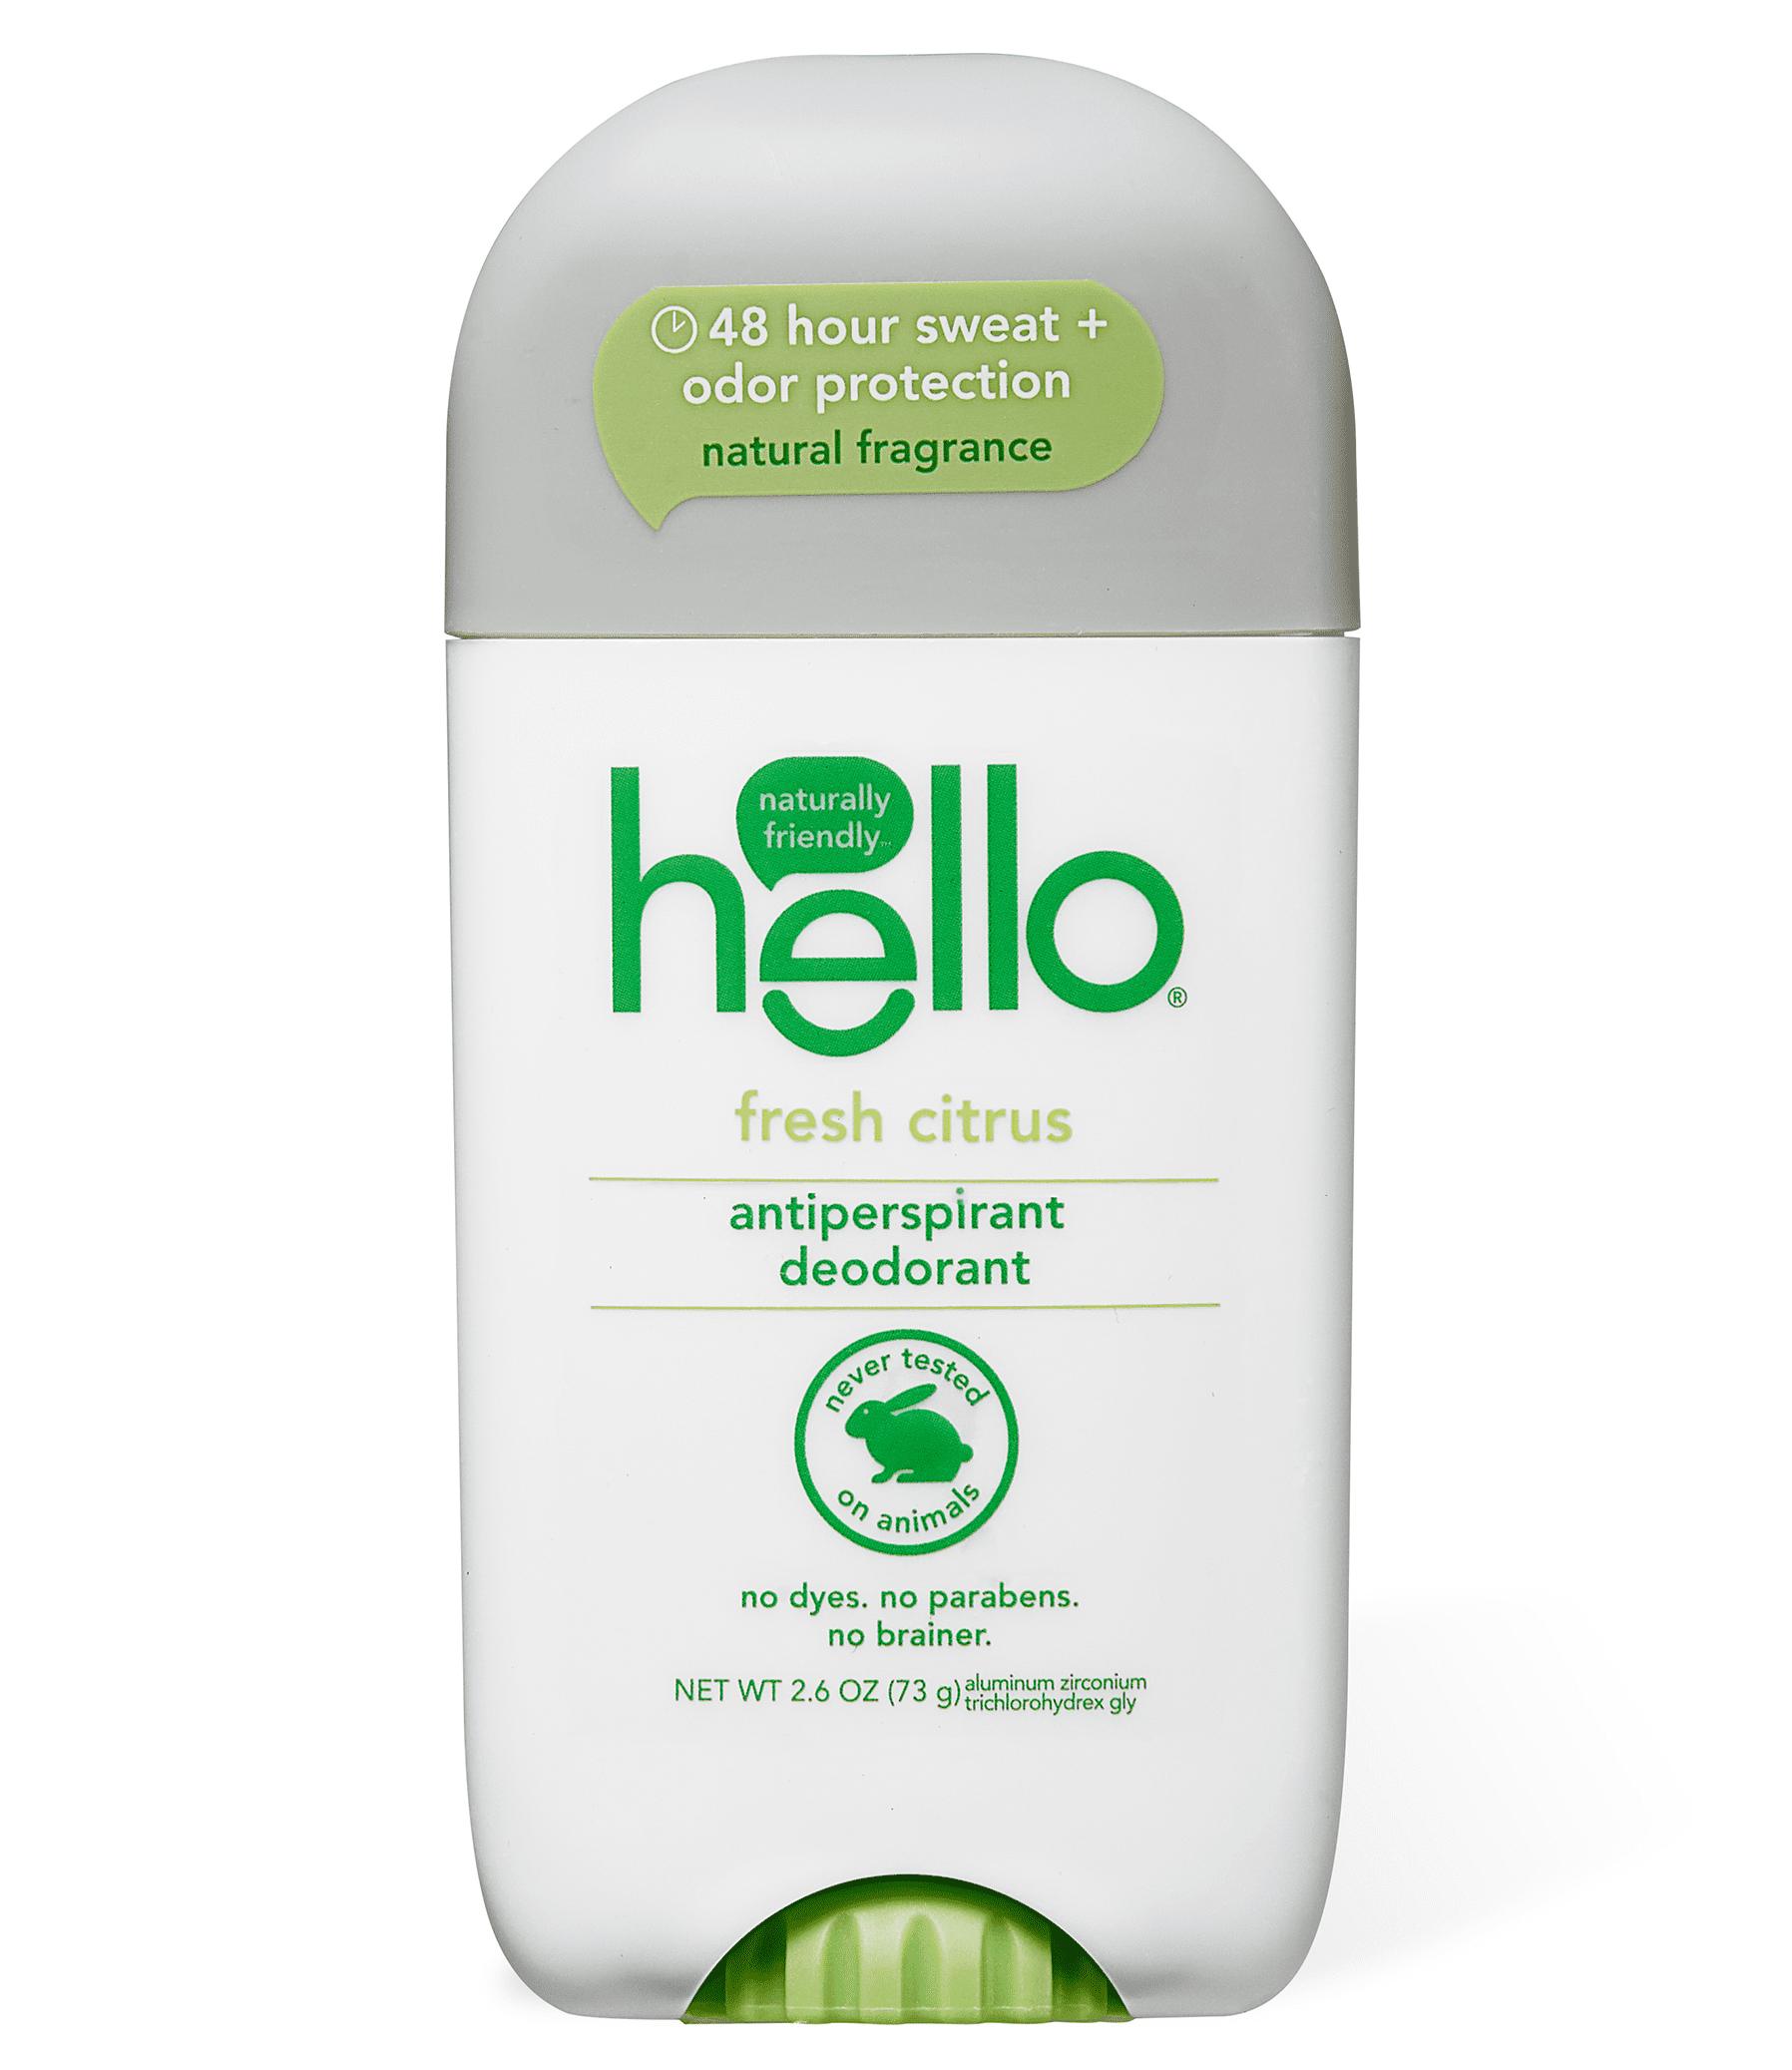 hello fresh citrus antiperspirant deodorant